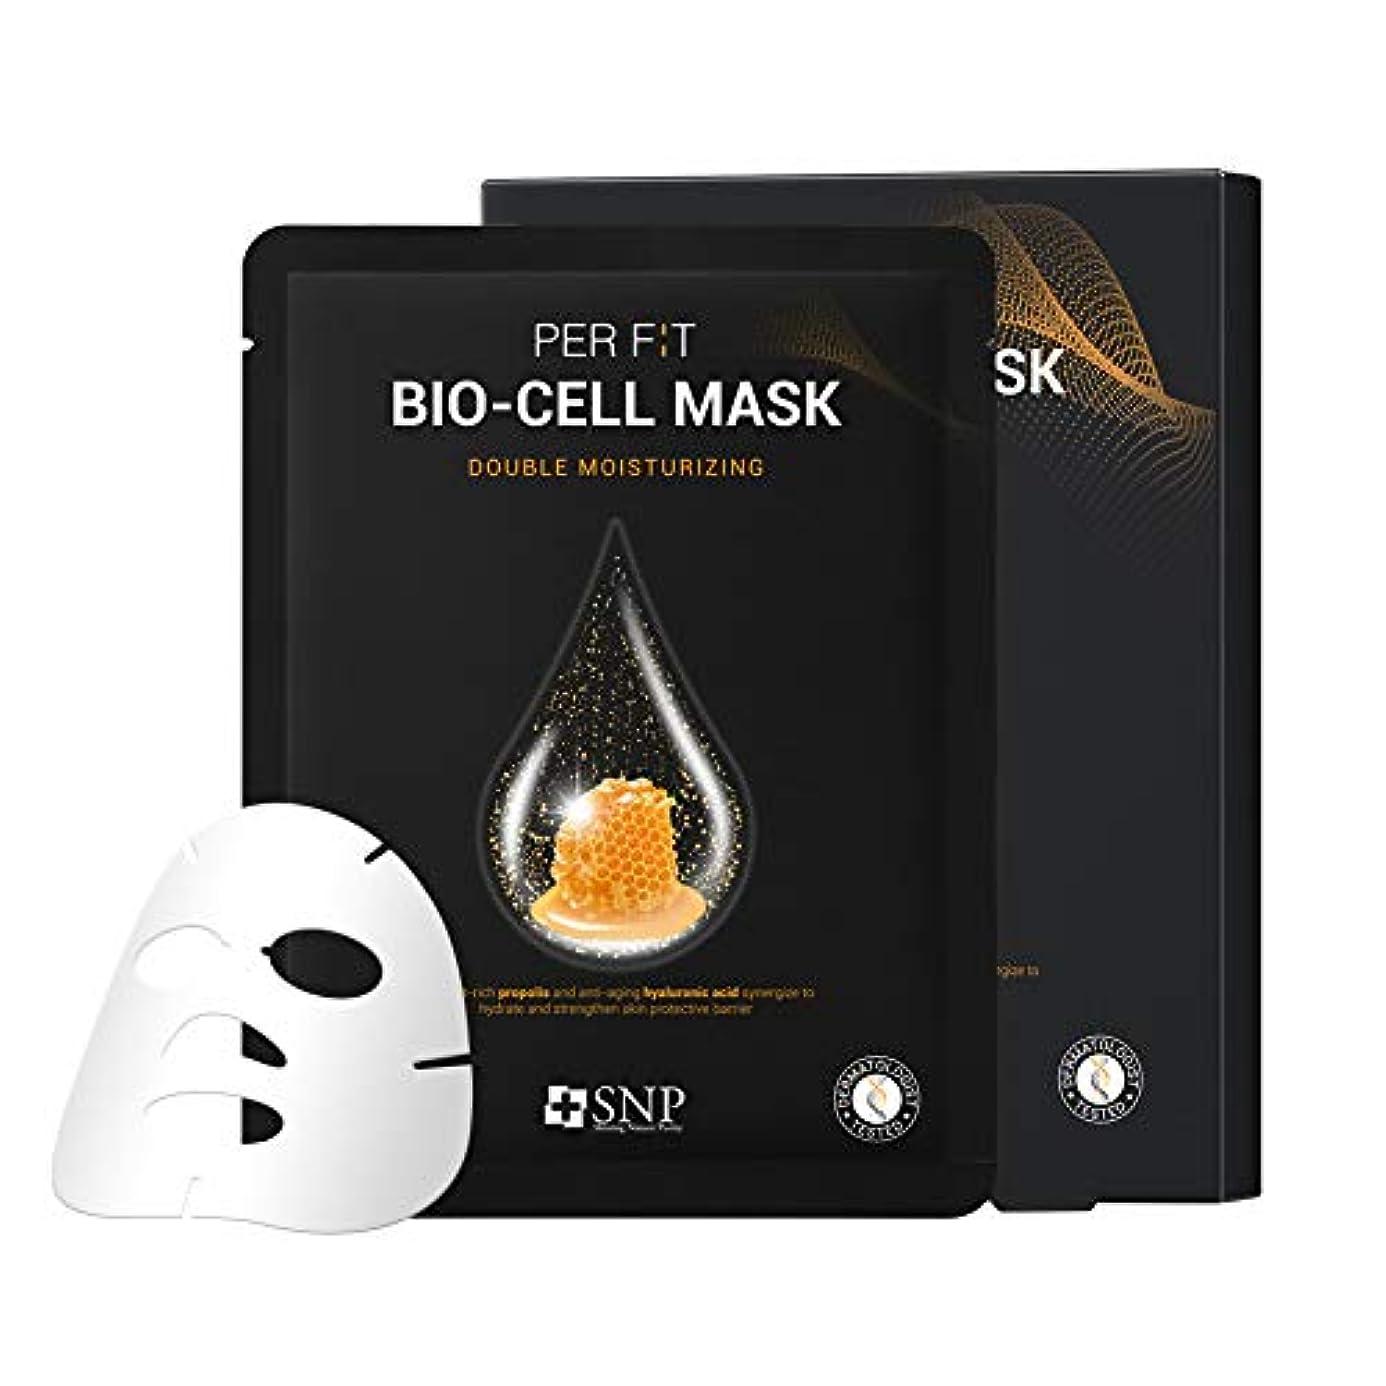 劣る大宇宙退屈させる【SNP公式】パーフィット バイオセルマスク ダブルモイスチャライジング 5枚セット / F:T BIO-CELL MASK DOUBLE MOISTURIZING 韓国パック 韓国コスメ パック マスクパック シートマスク 高機能